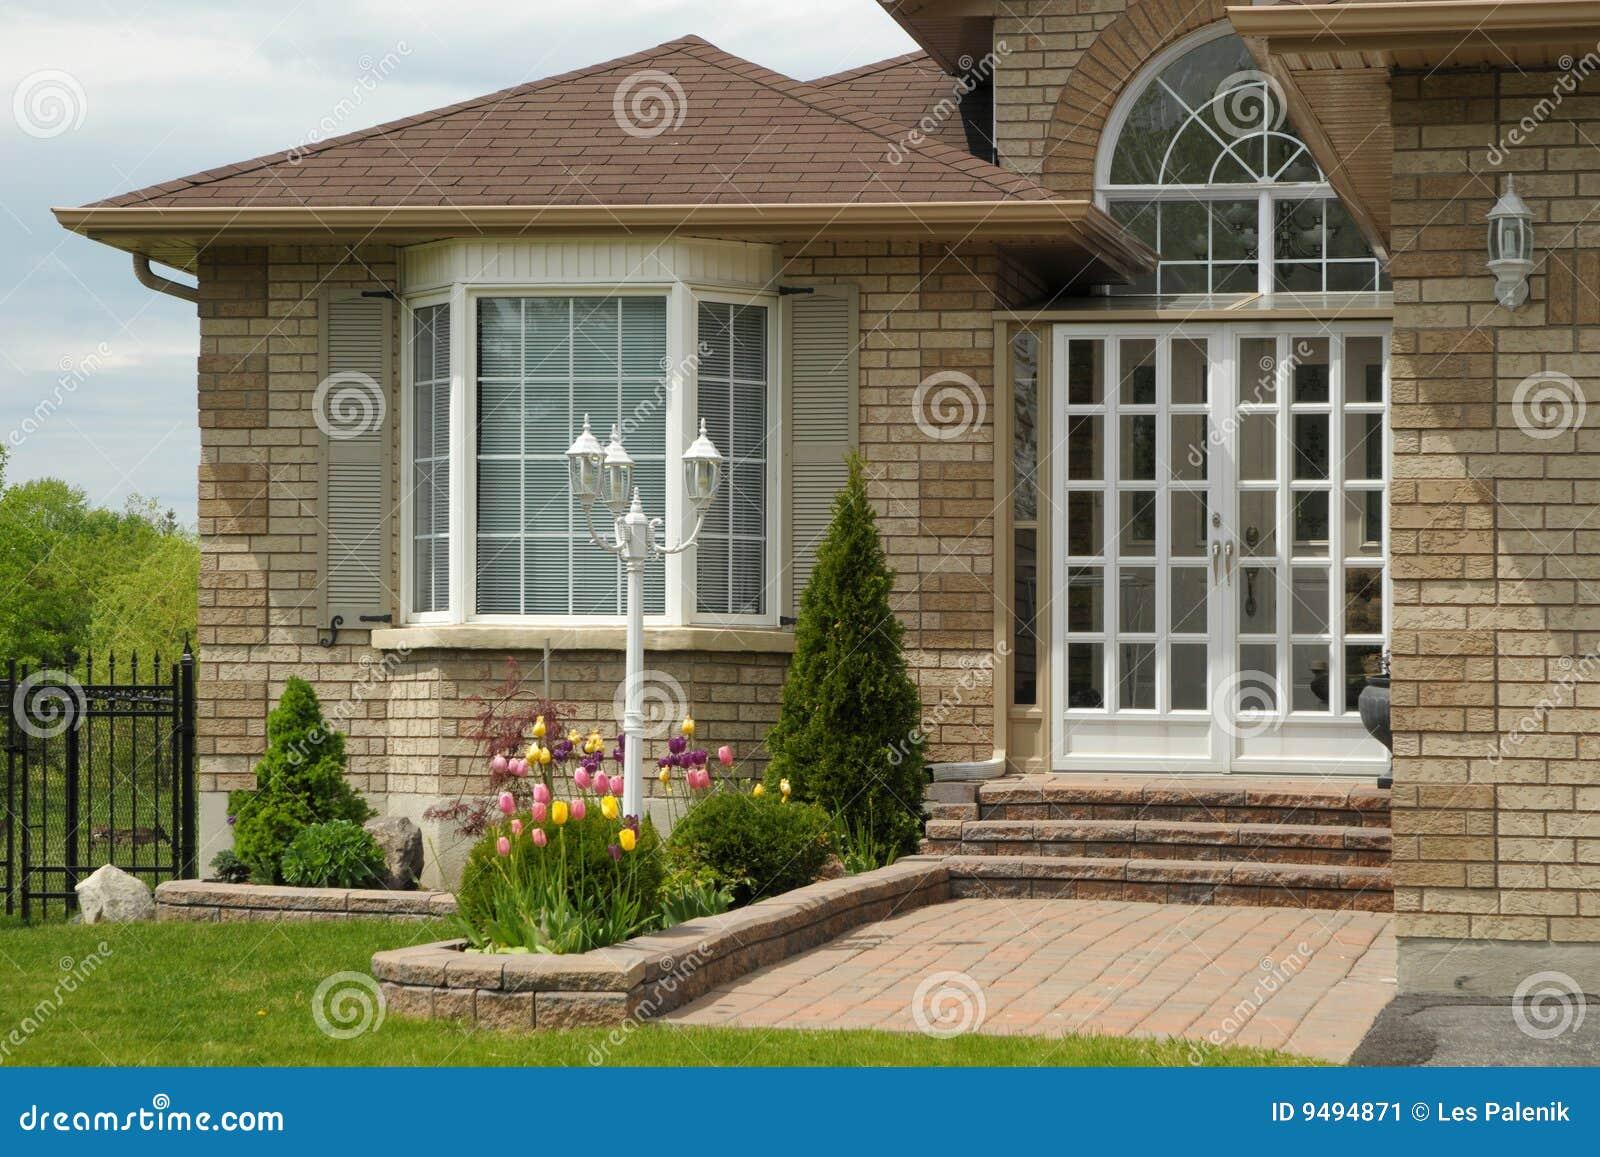 Entrada a una casa moderna de la familia imagen de archivo for Puertas de entrada de casas modernas